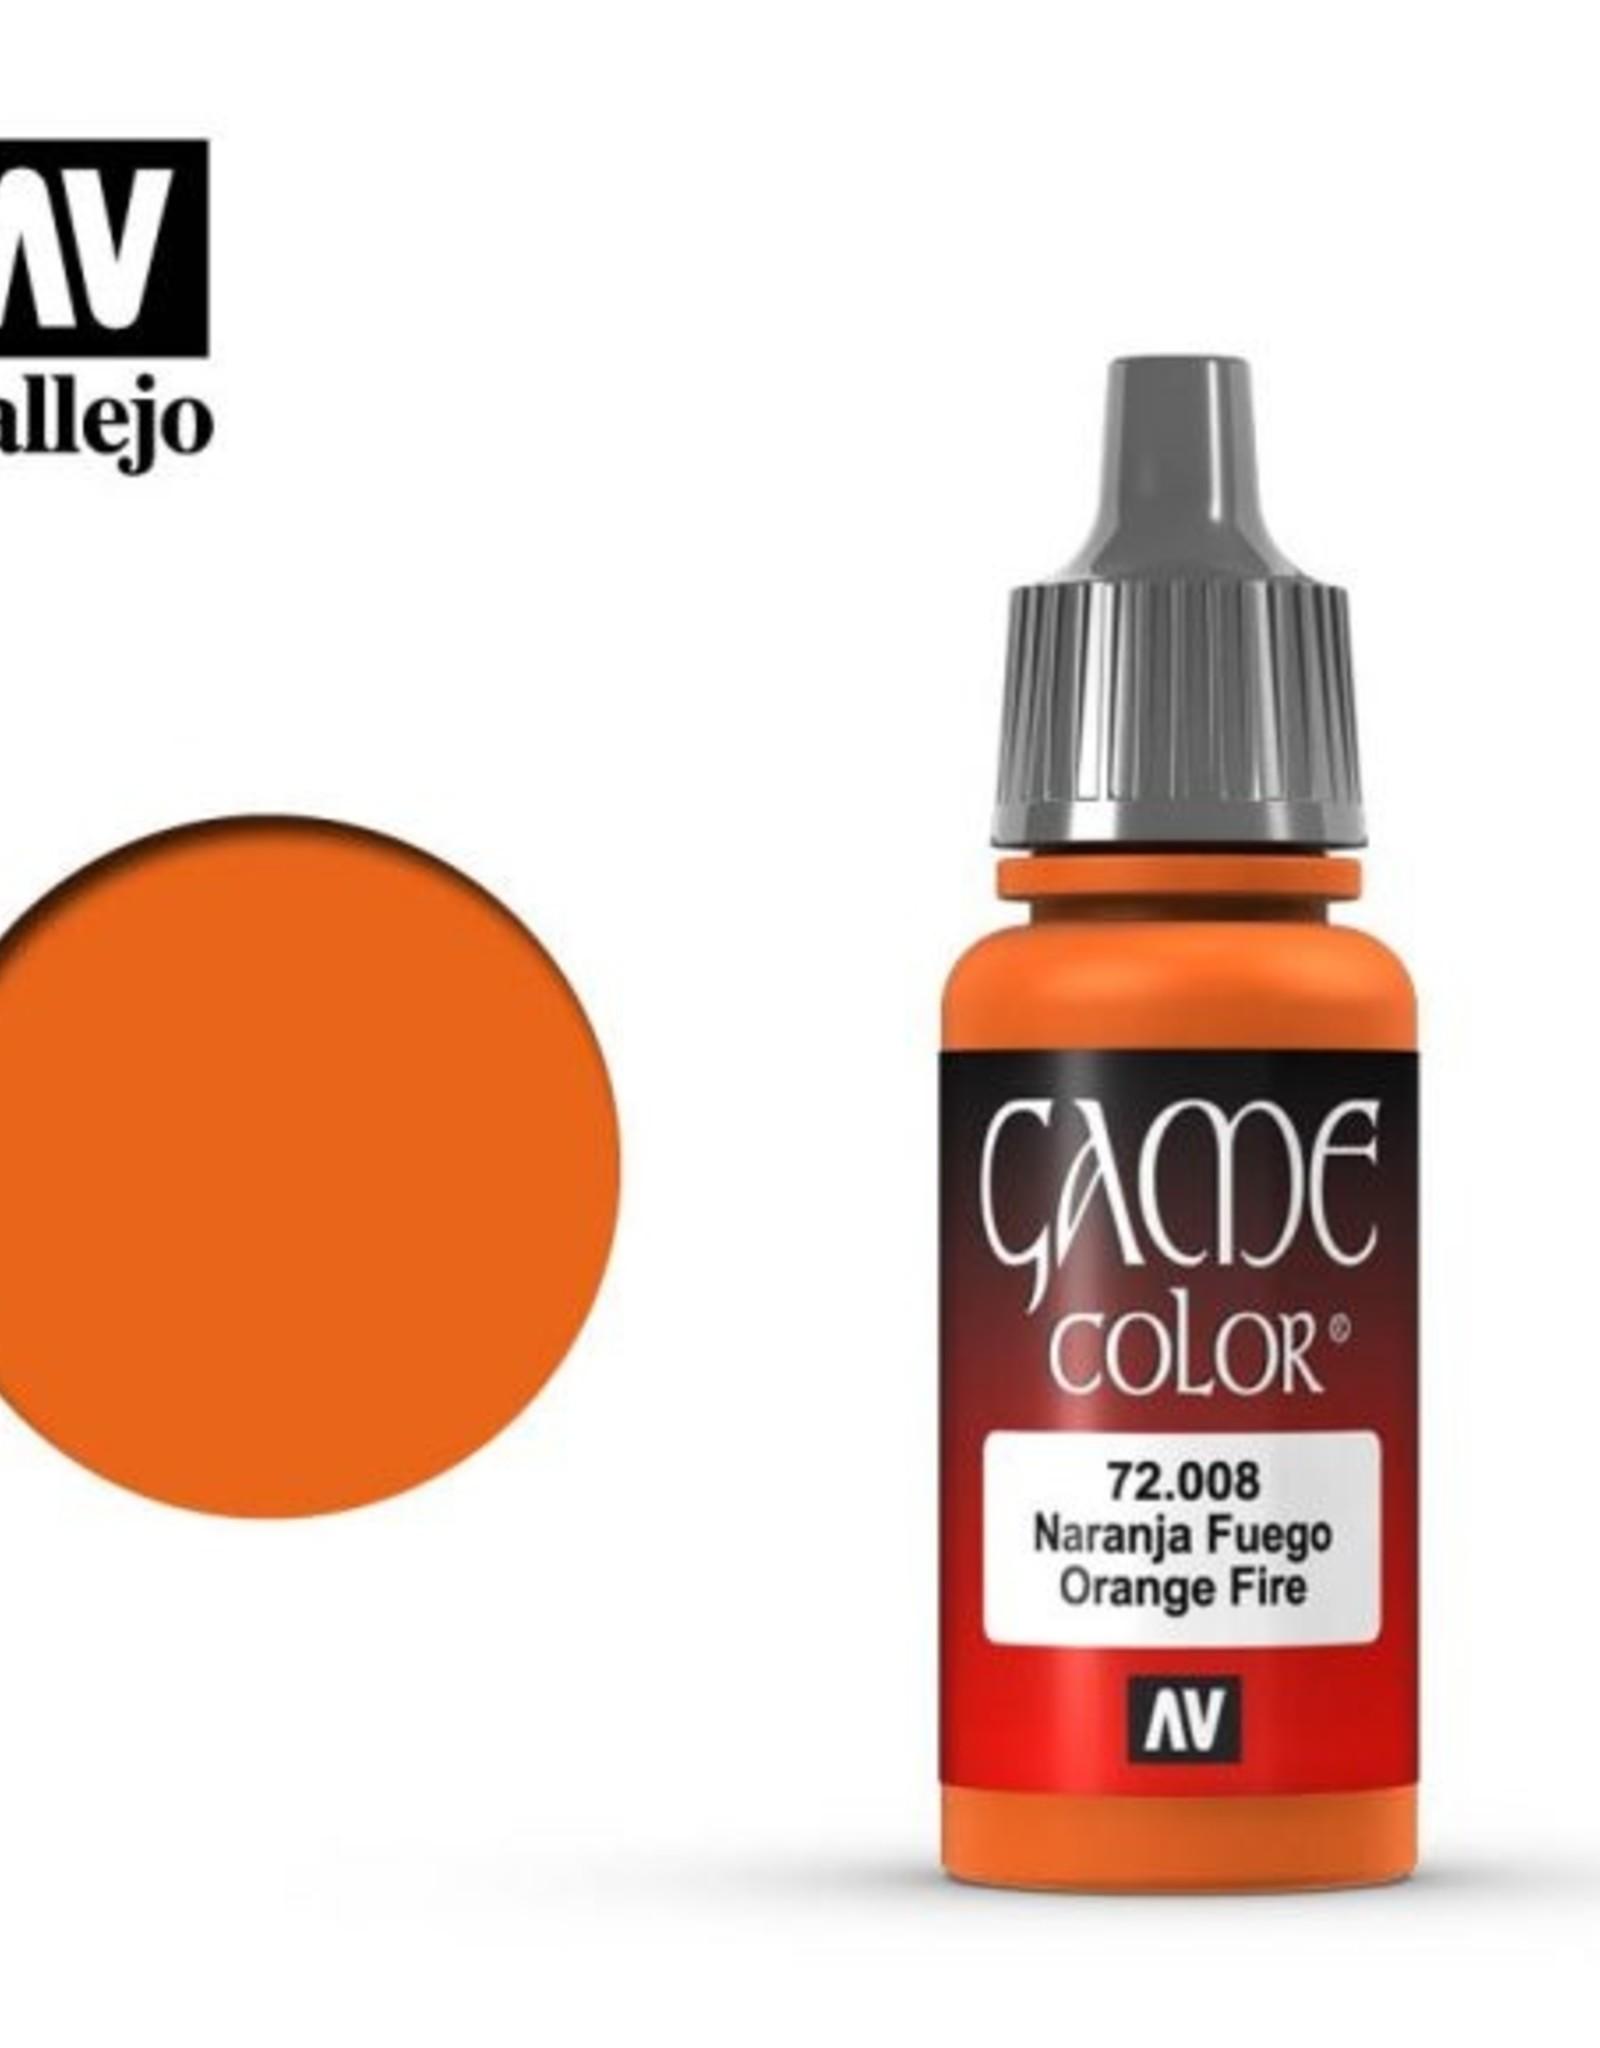 Vallejo 72.008 Orange Fire